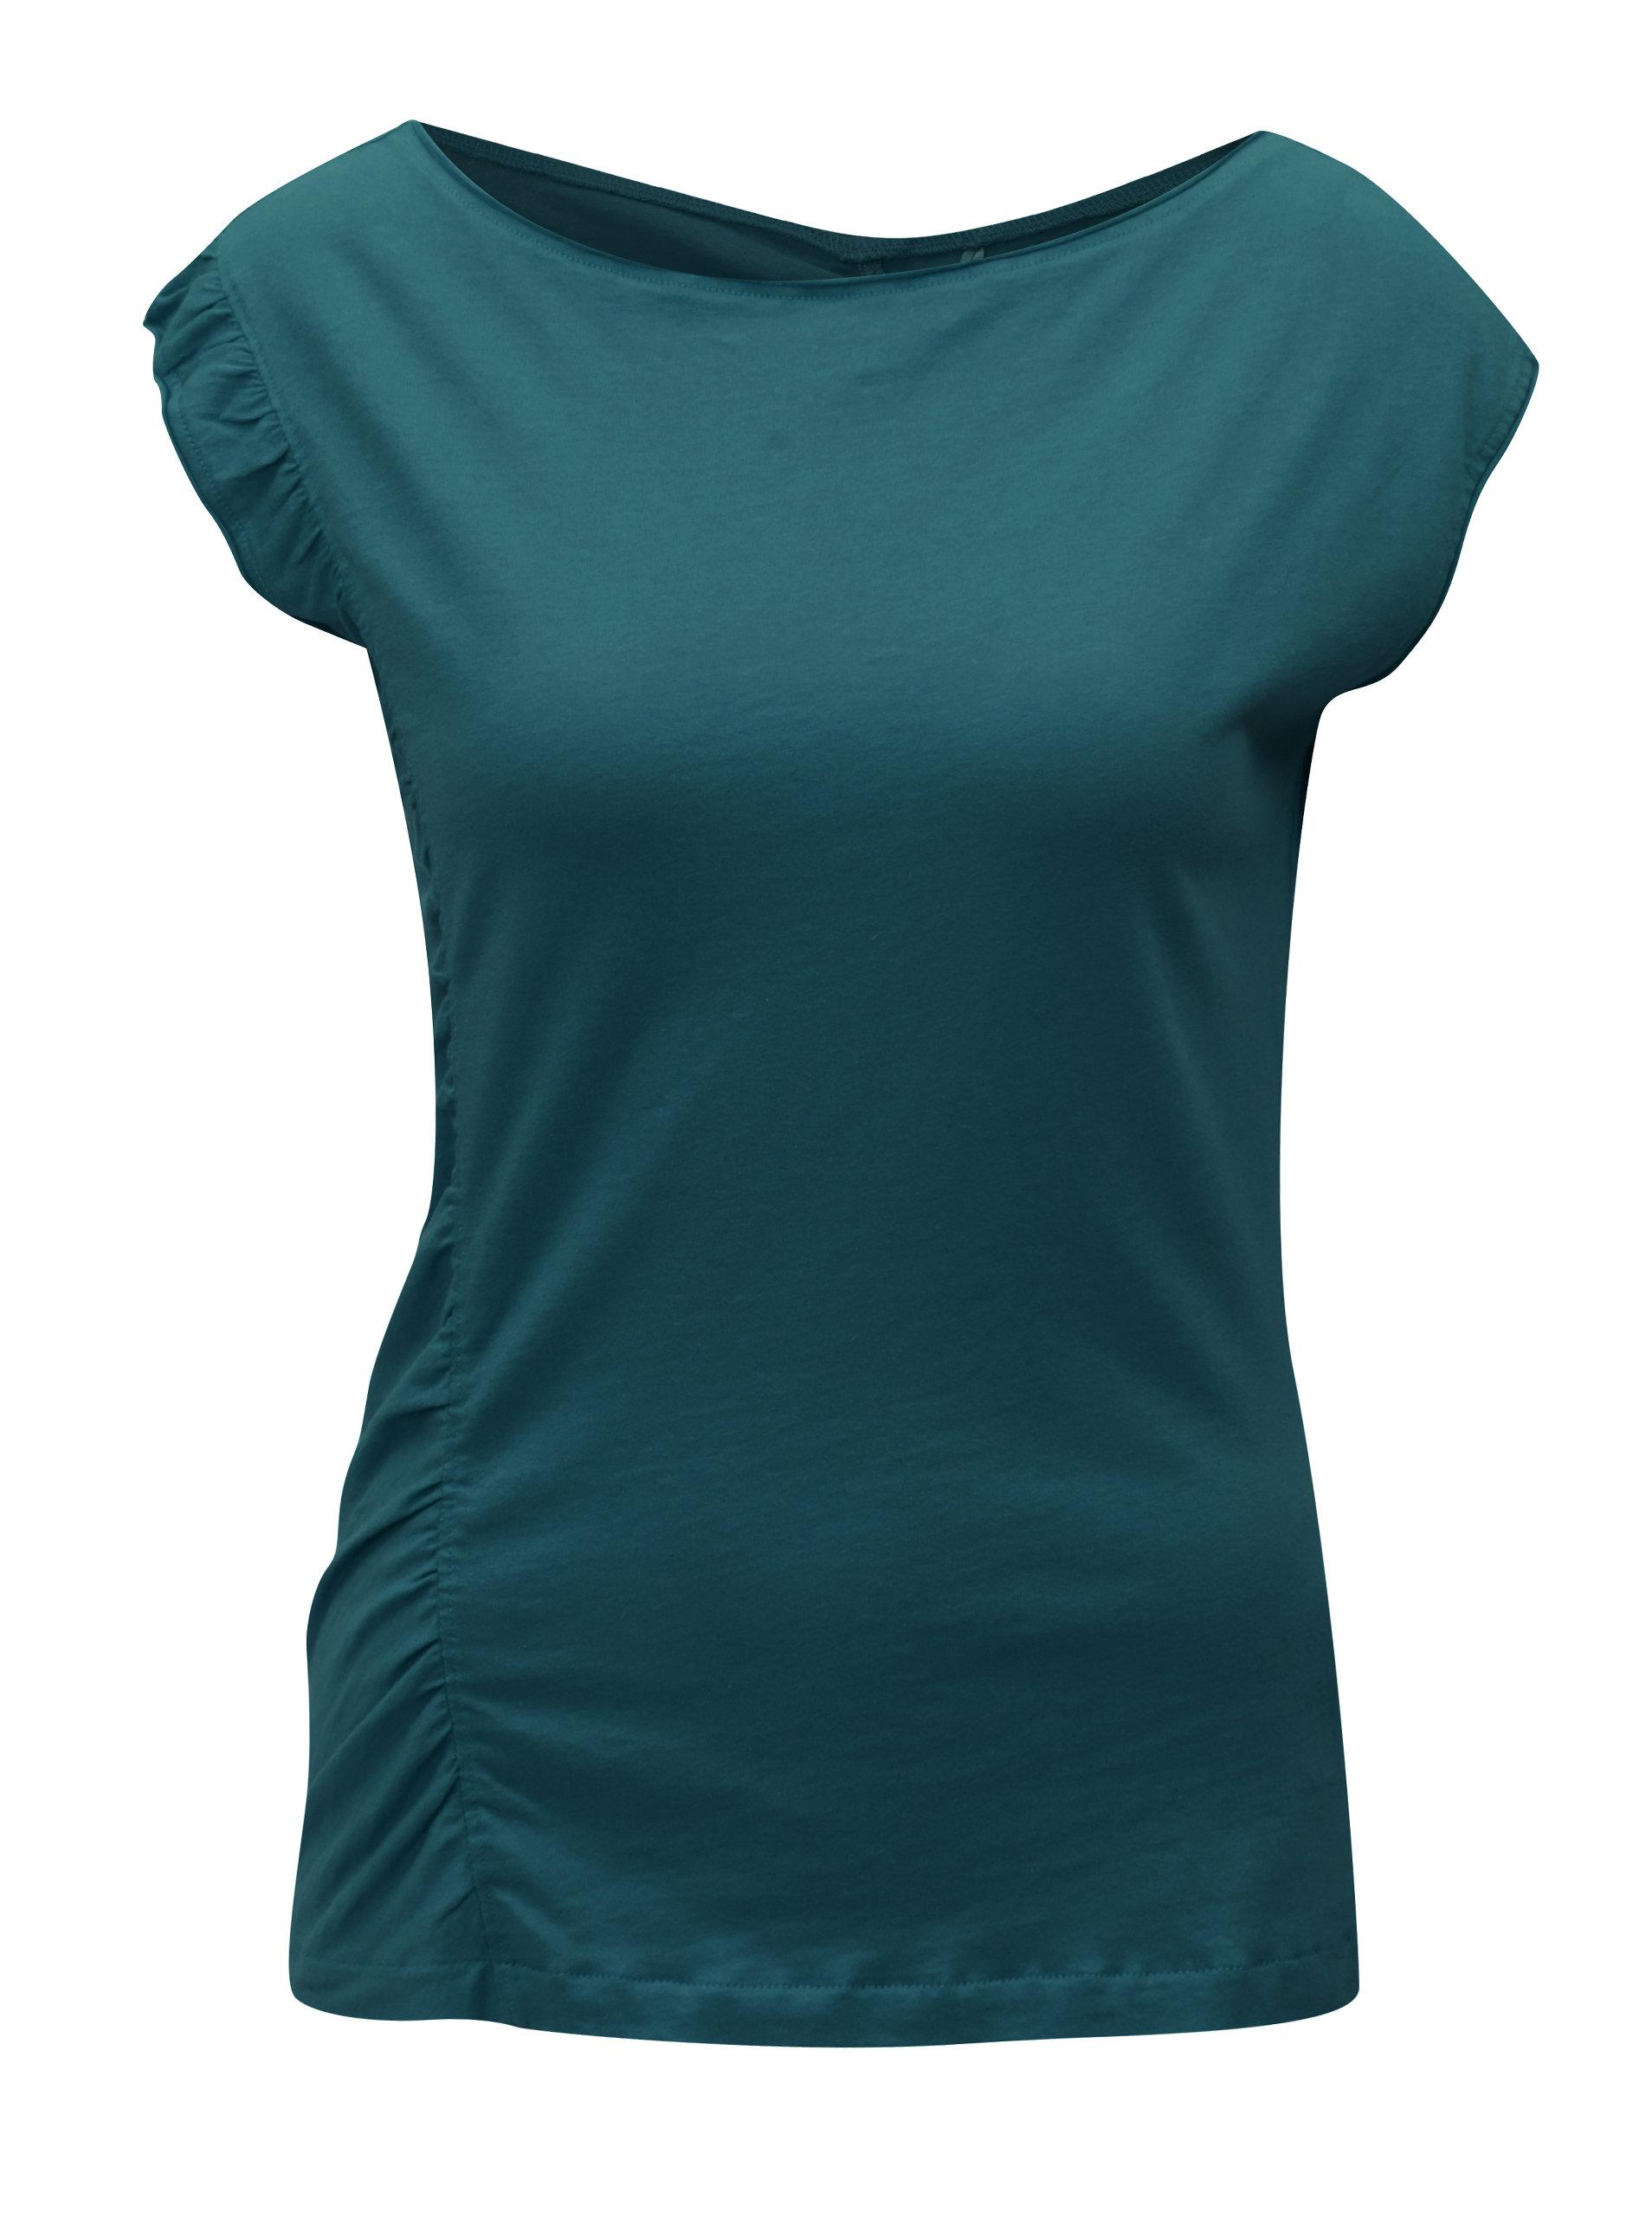 Zelené tričko s volánom SKFK Hamasei ... e63db56589